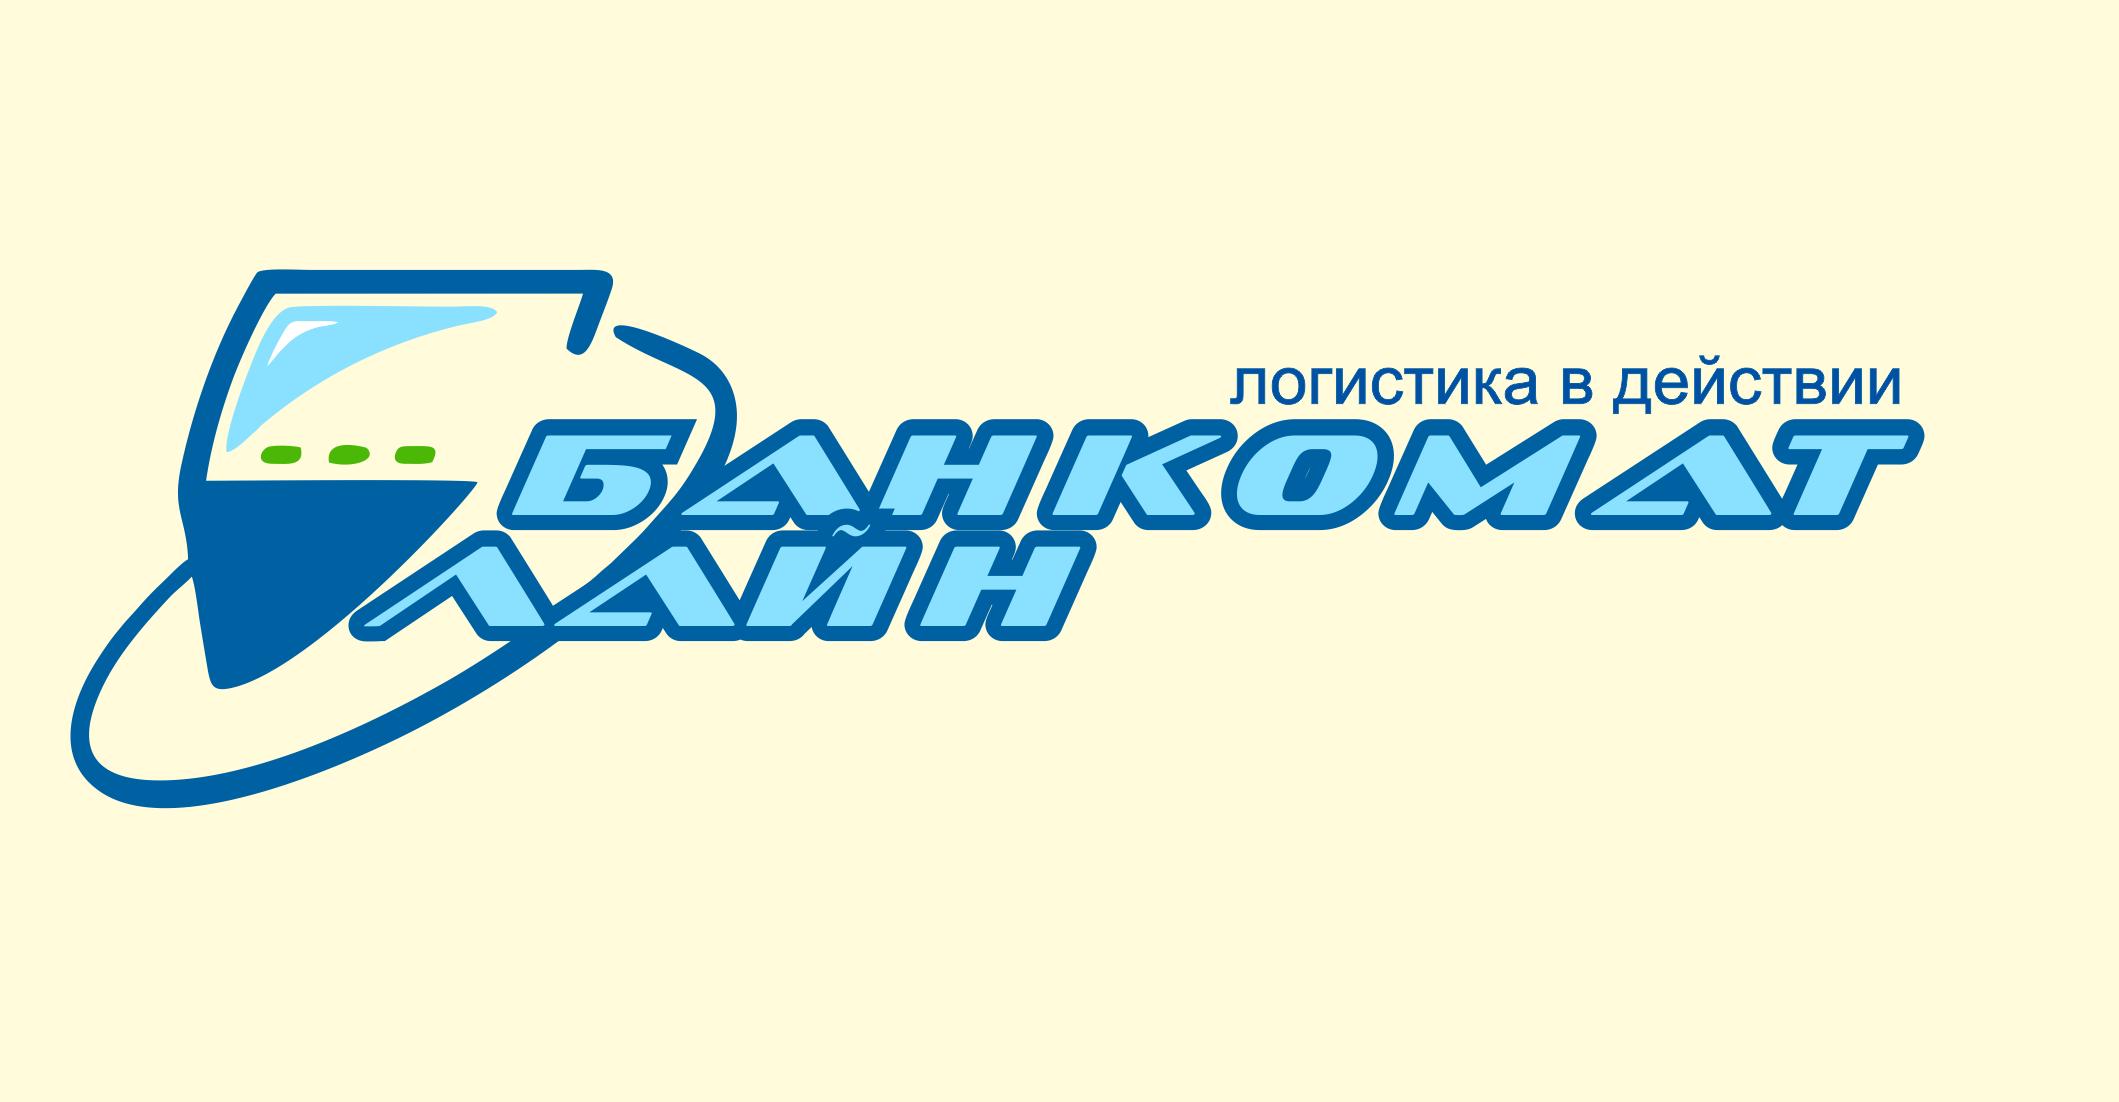 Разработка логотипа и слогана для транспортной компании фото f_456587cda31d4015.png